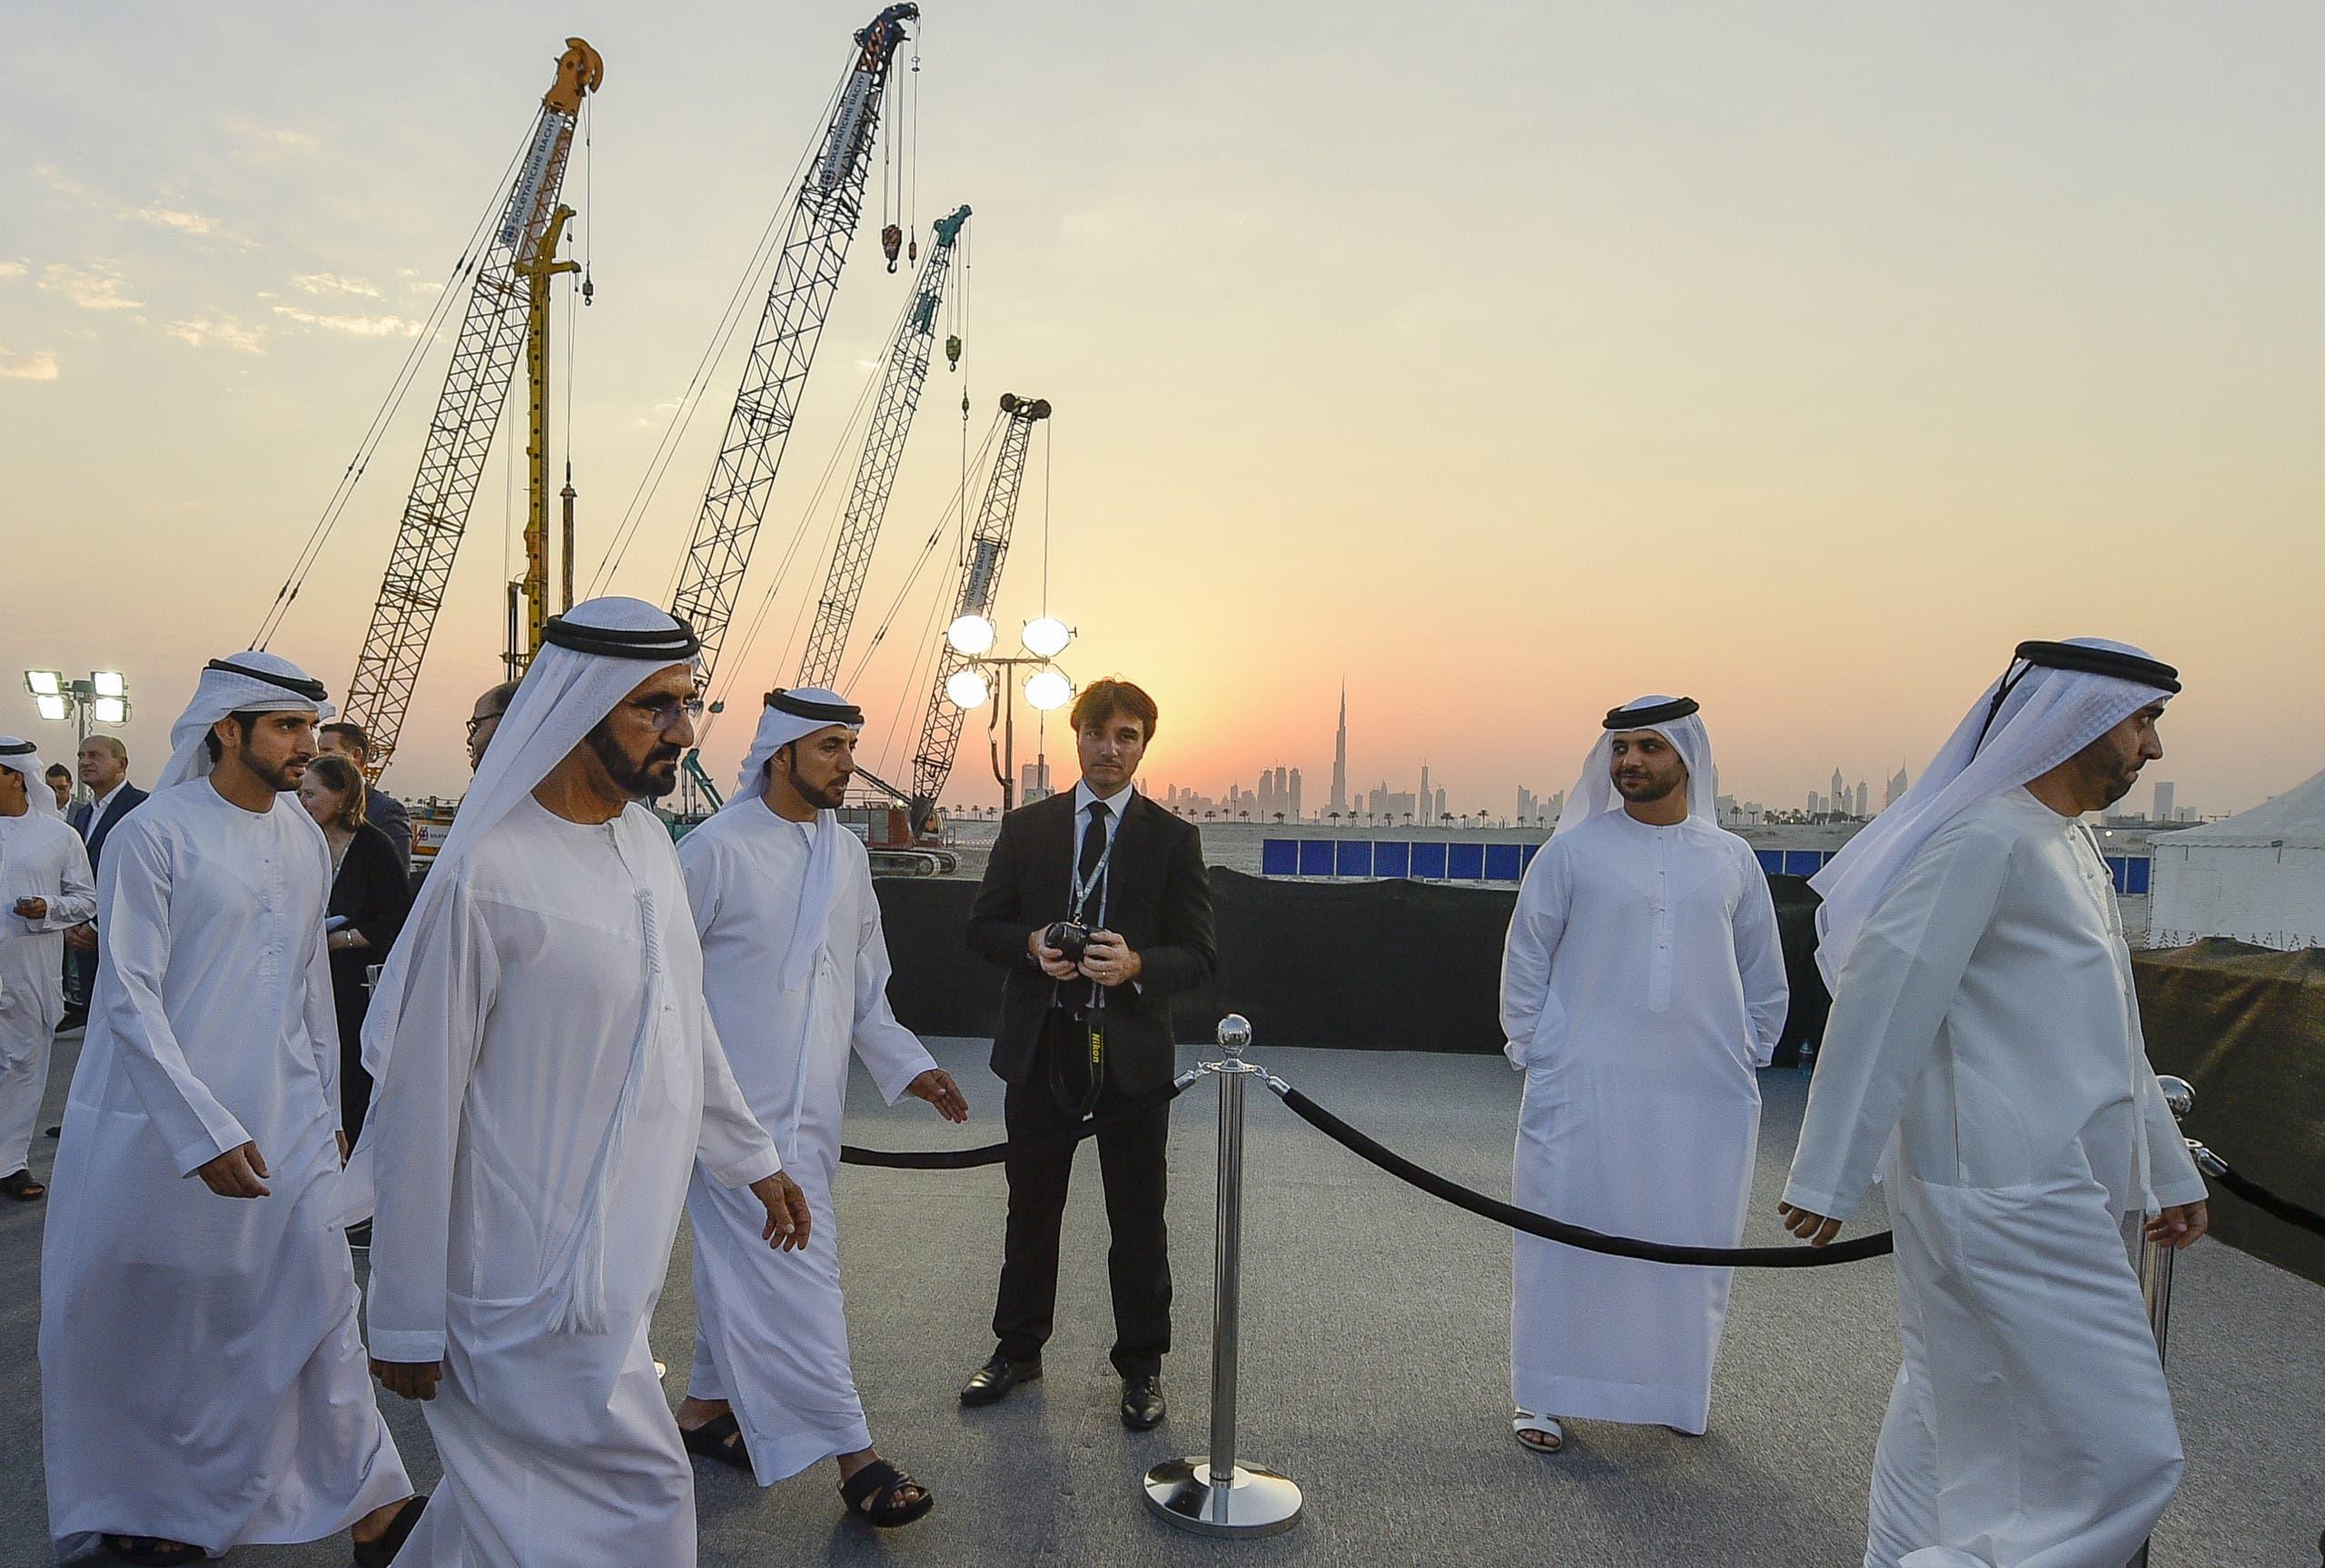 حضور شيخ محمد بن راشد آل مکتوم در مراسم آغاز عملیات ساخت برج